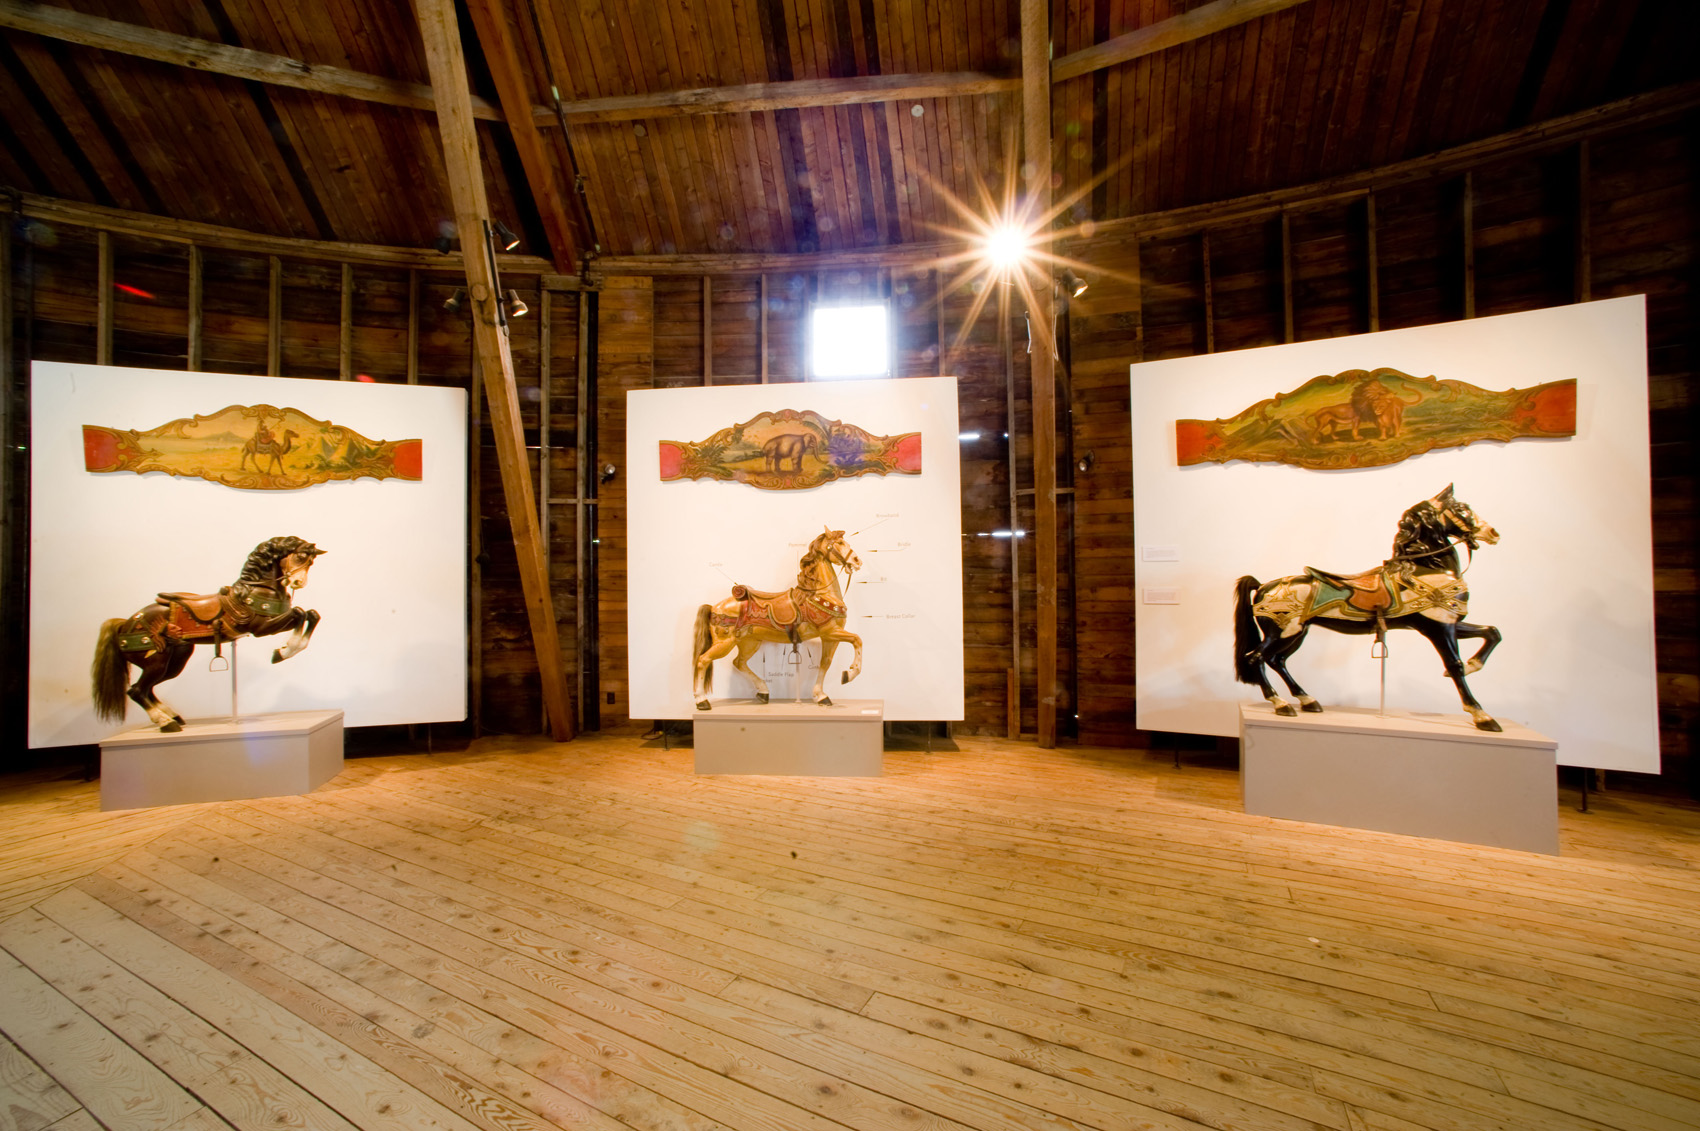 Shelburne-Museum-VT-historic-Dentzel-carousel-horses-rounding-boards